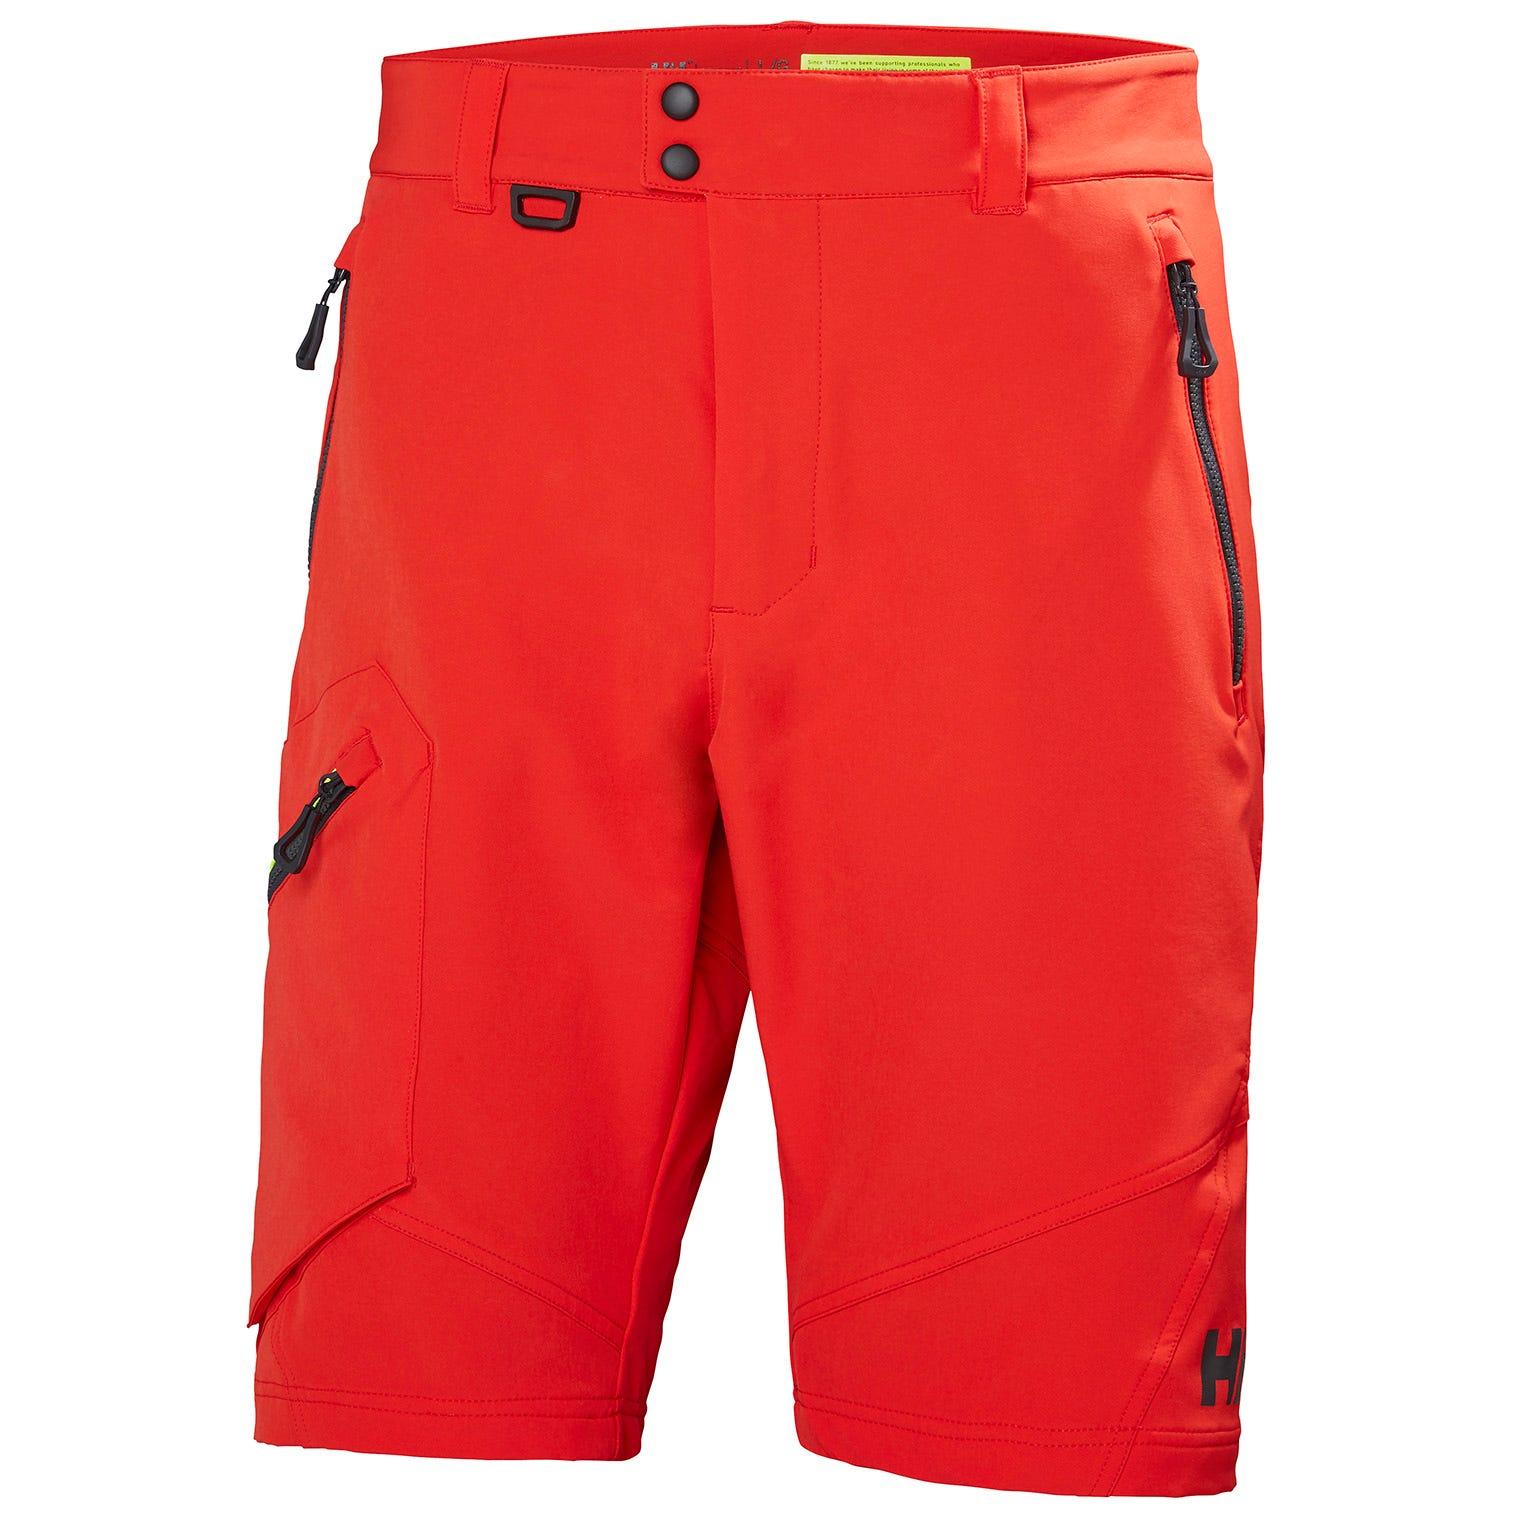 Helly Hansen Hp Softshell Shorts Mens Sailing Pant Red M